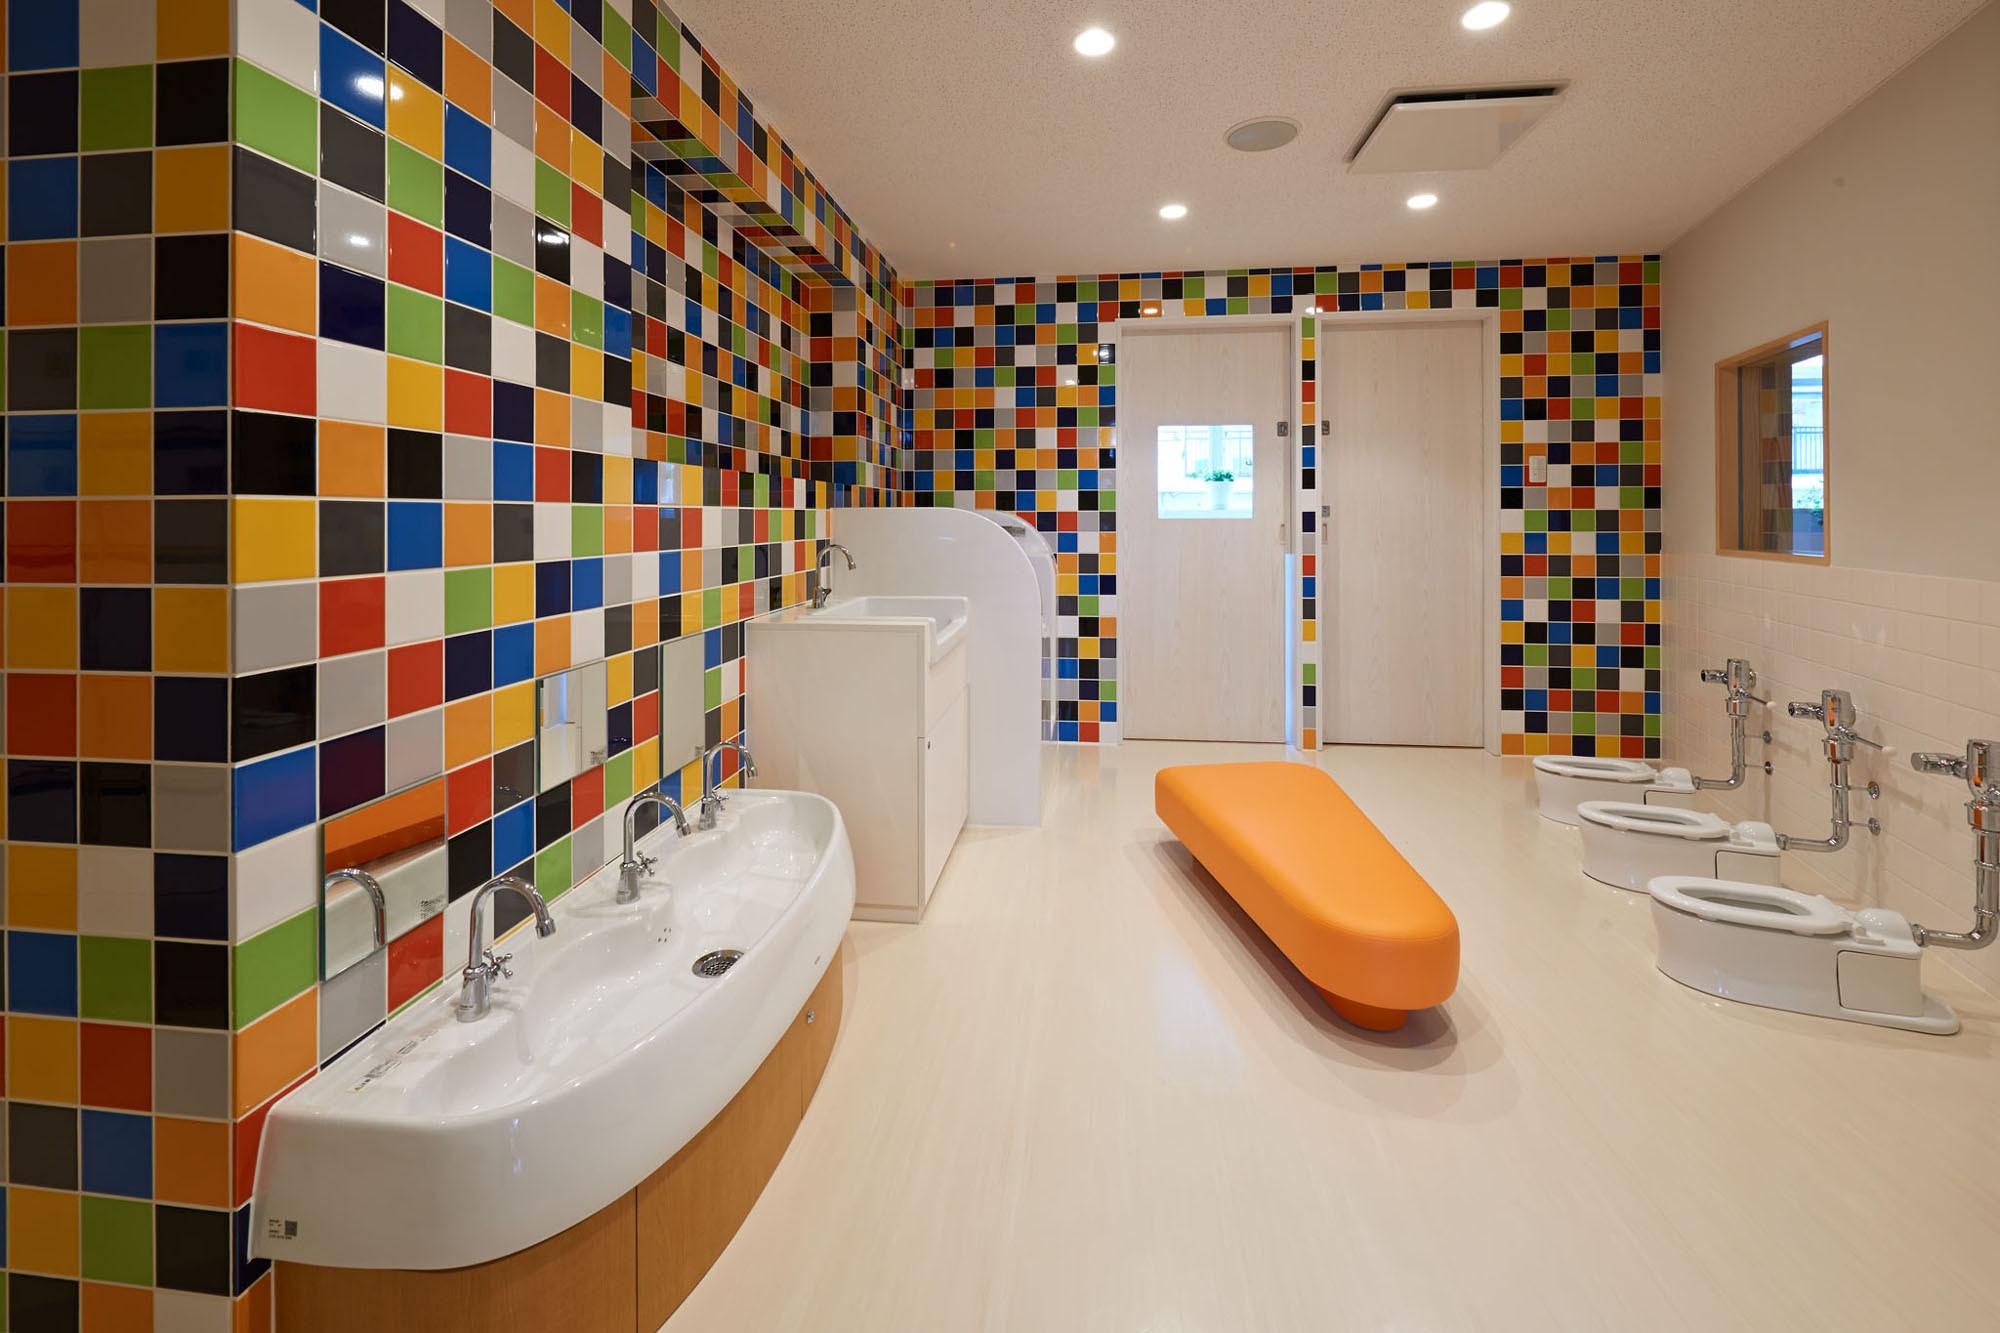 Gallery Of Mokumoku Kindergarten 16a Inc 16